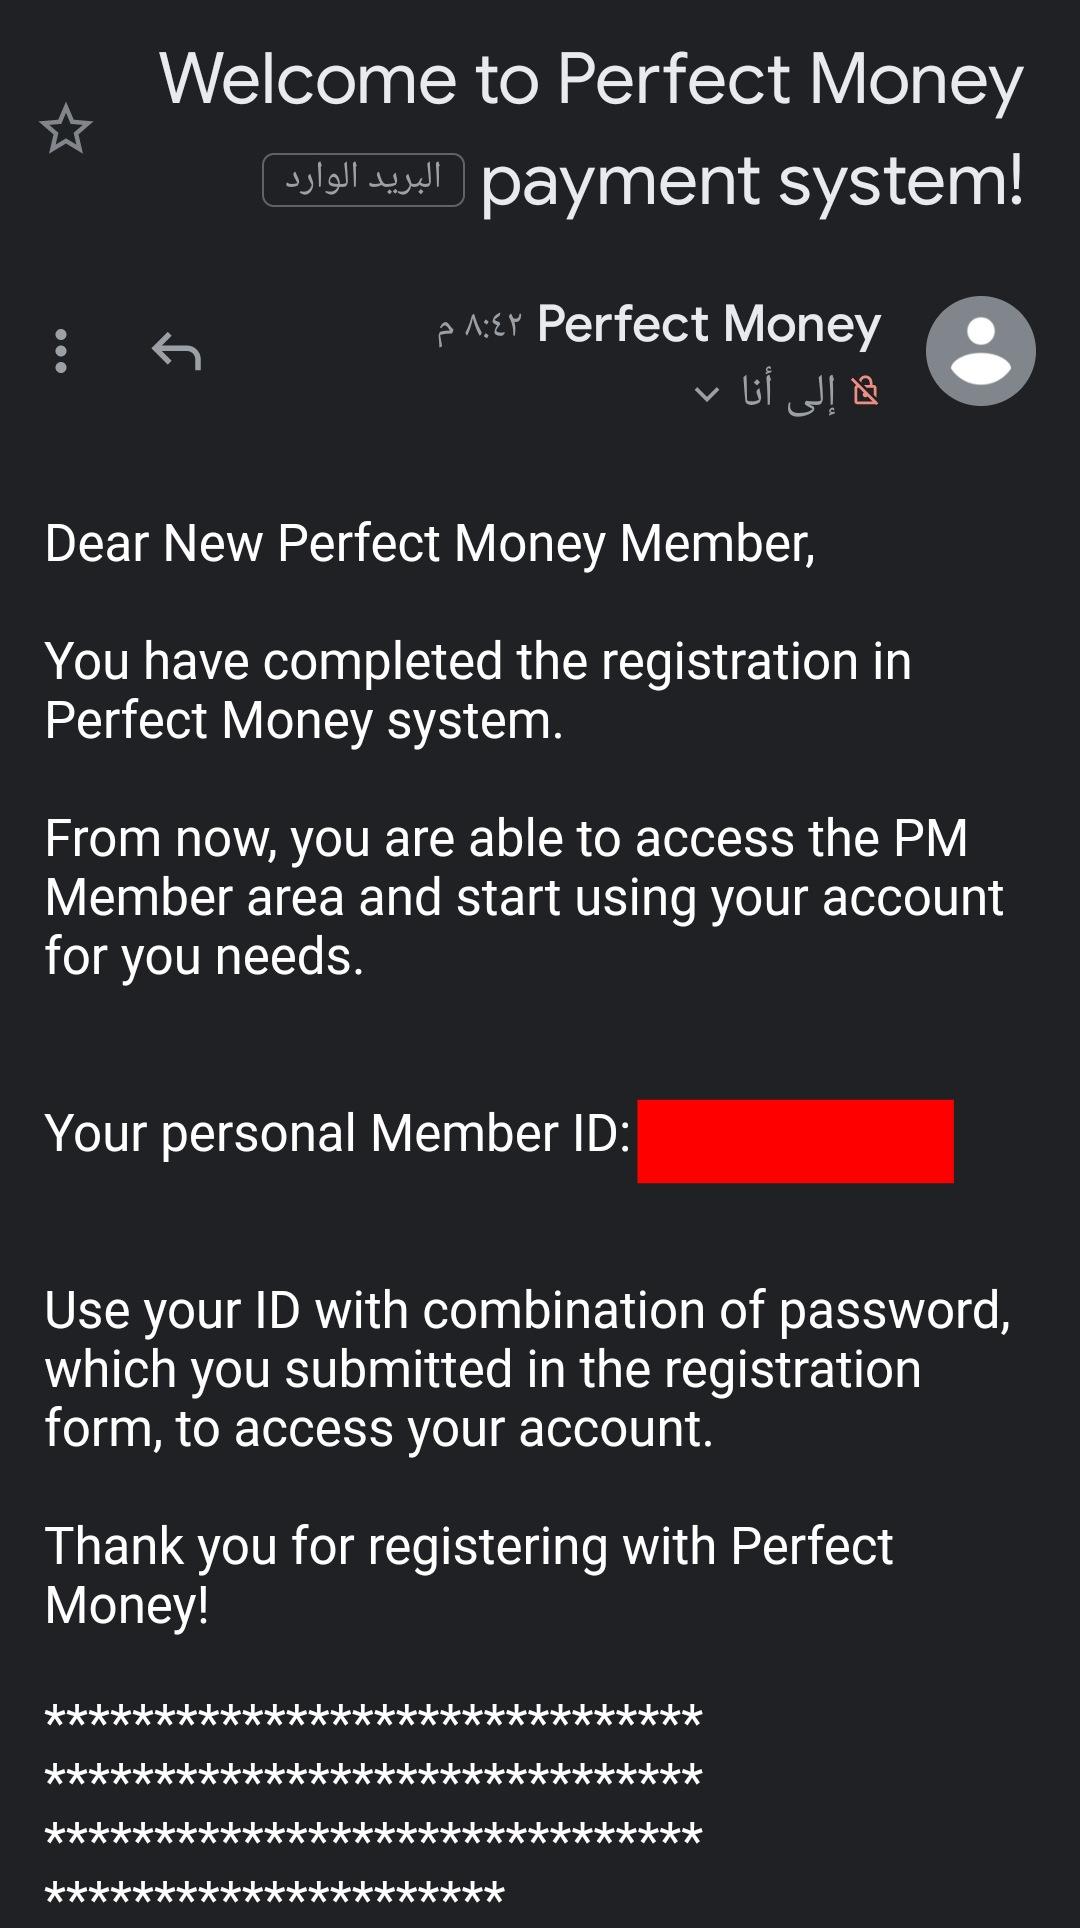 تأكيد إنشاء حساب perfect money